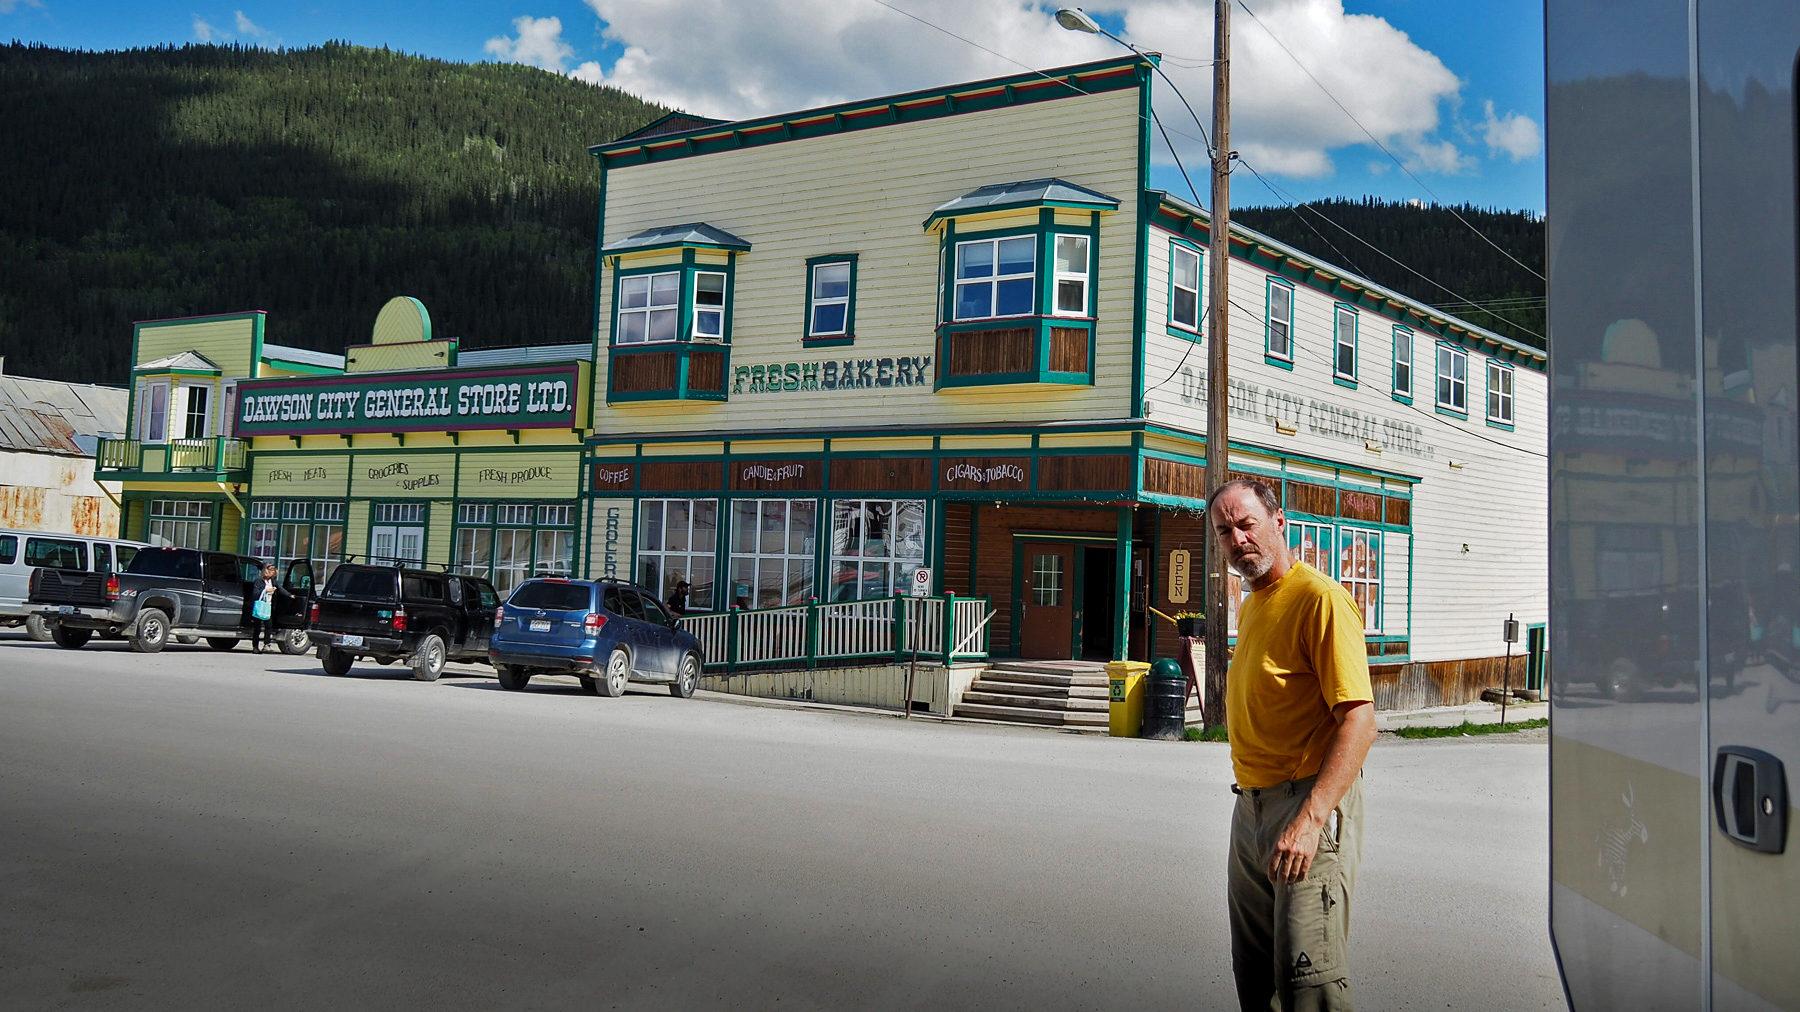 Lichtblick: Bäckerei in Dawson City